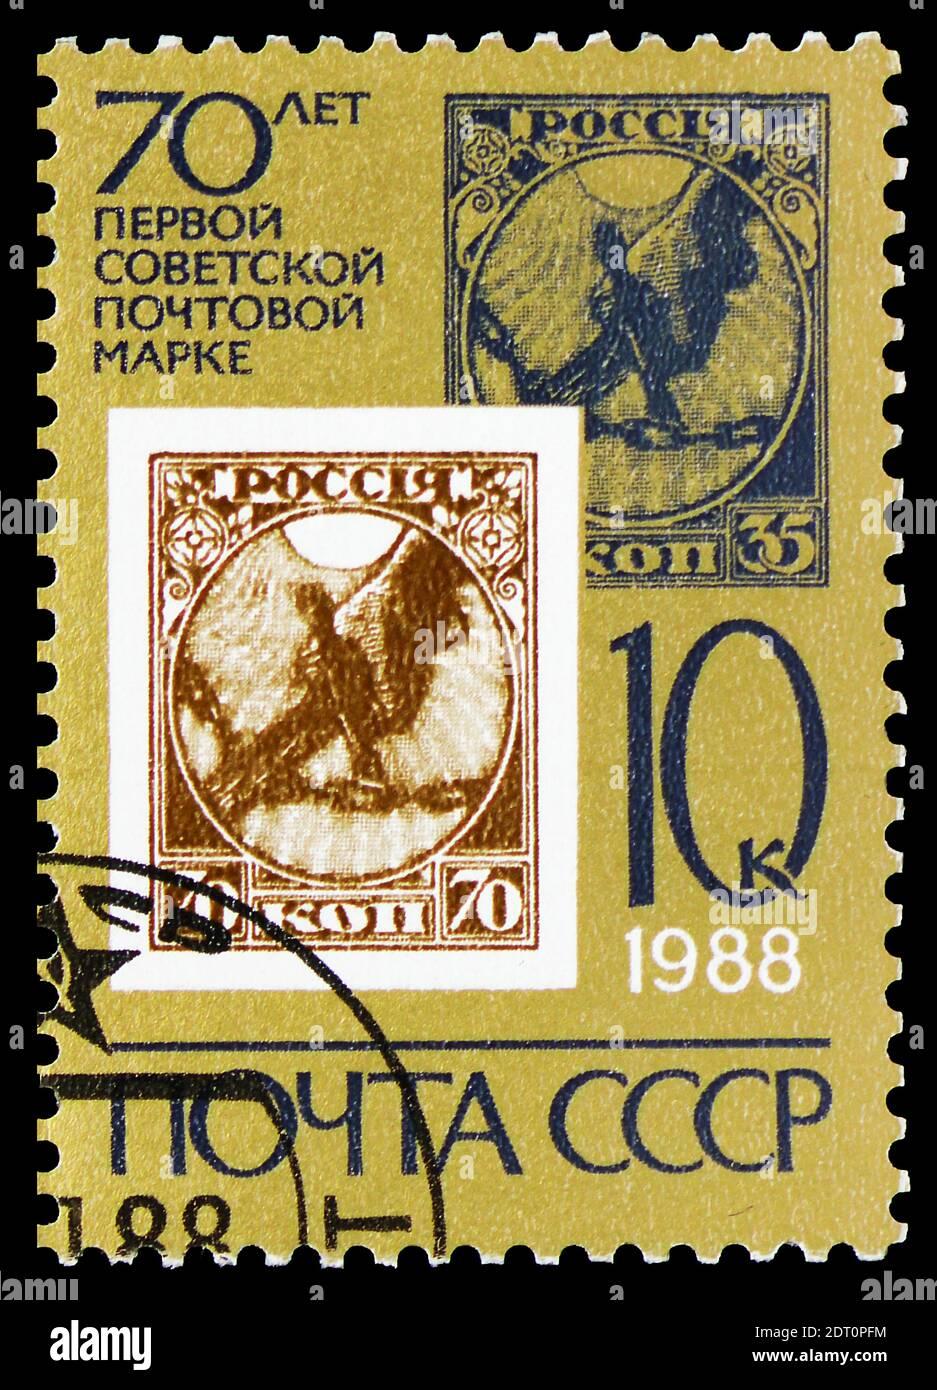 MOSCÚ, RUSIA - 23 DE FEBRERO de 2019: Un sello impreso en la Unión Soviética muestra 70 Aniversario del primer sello soviético, serie, alrededor de 1988 Foto de stock